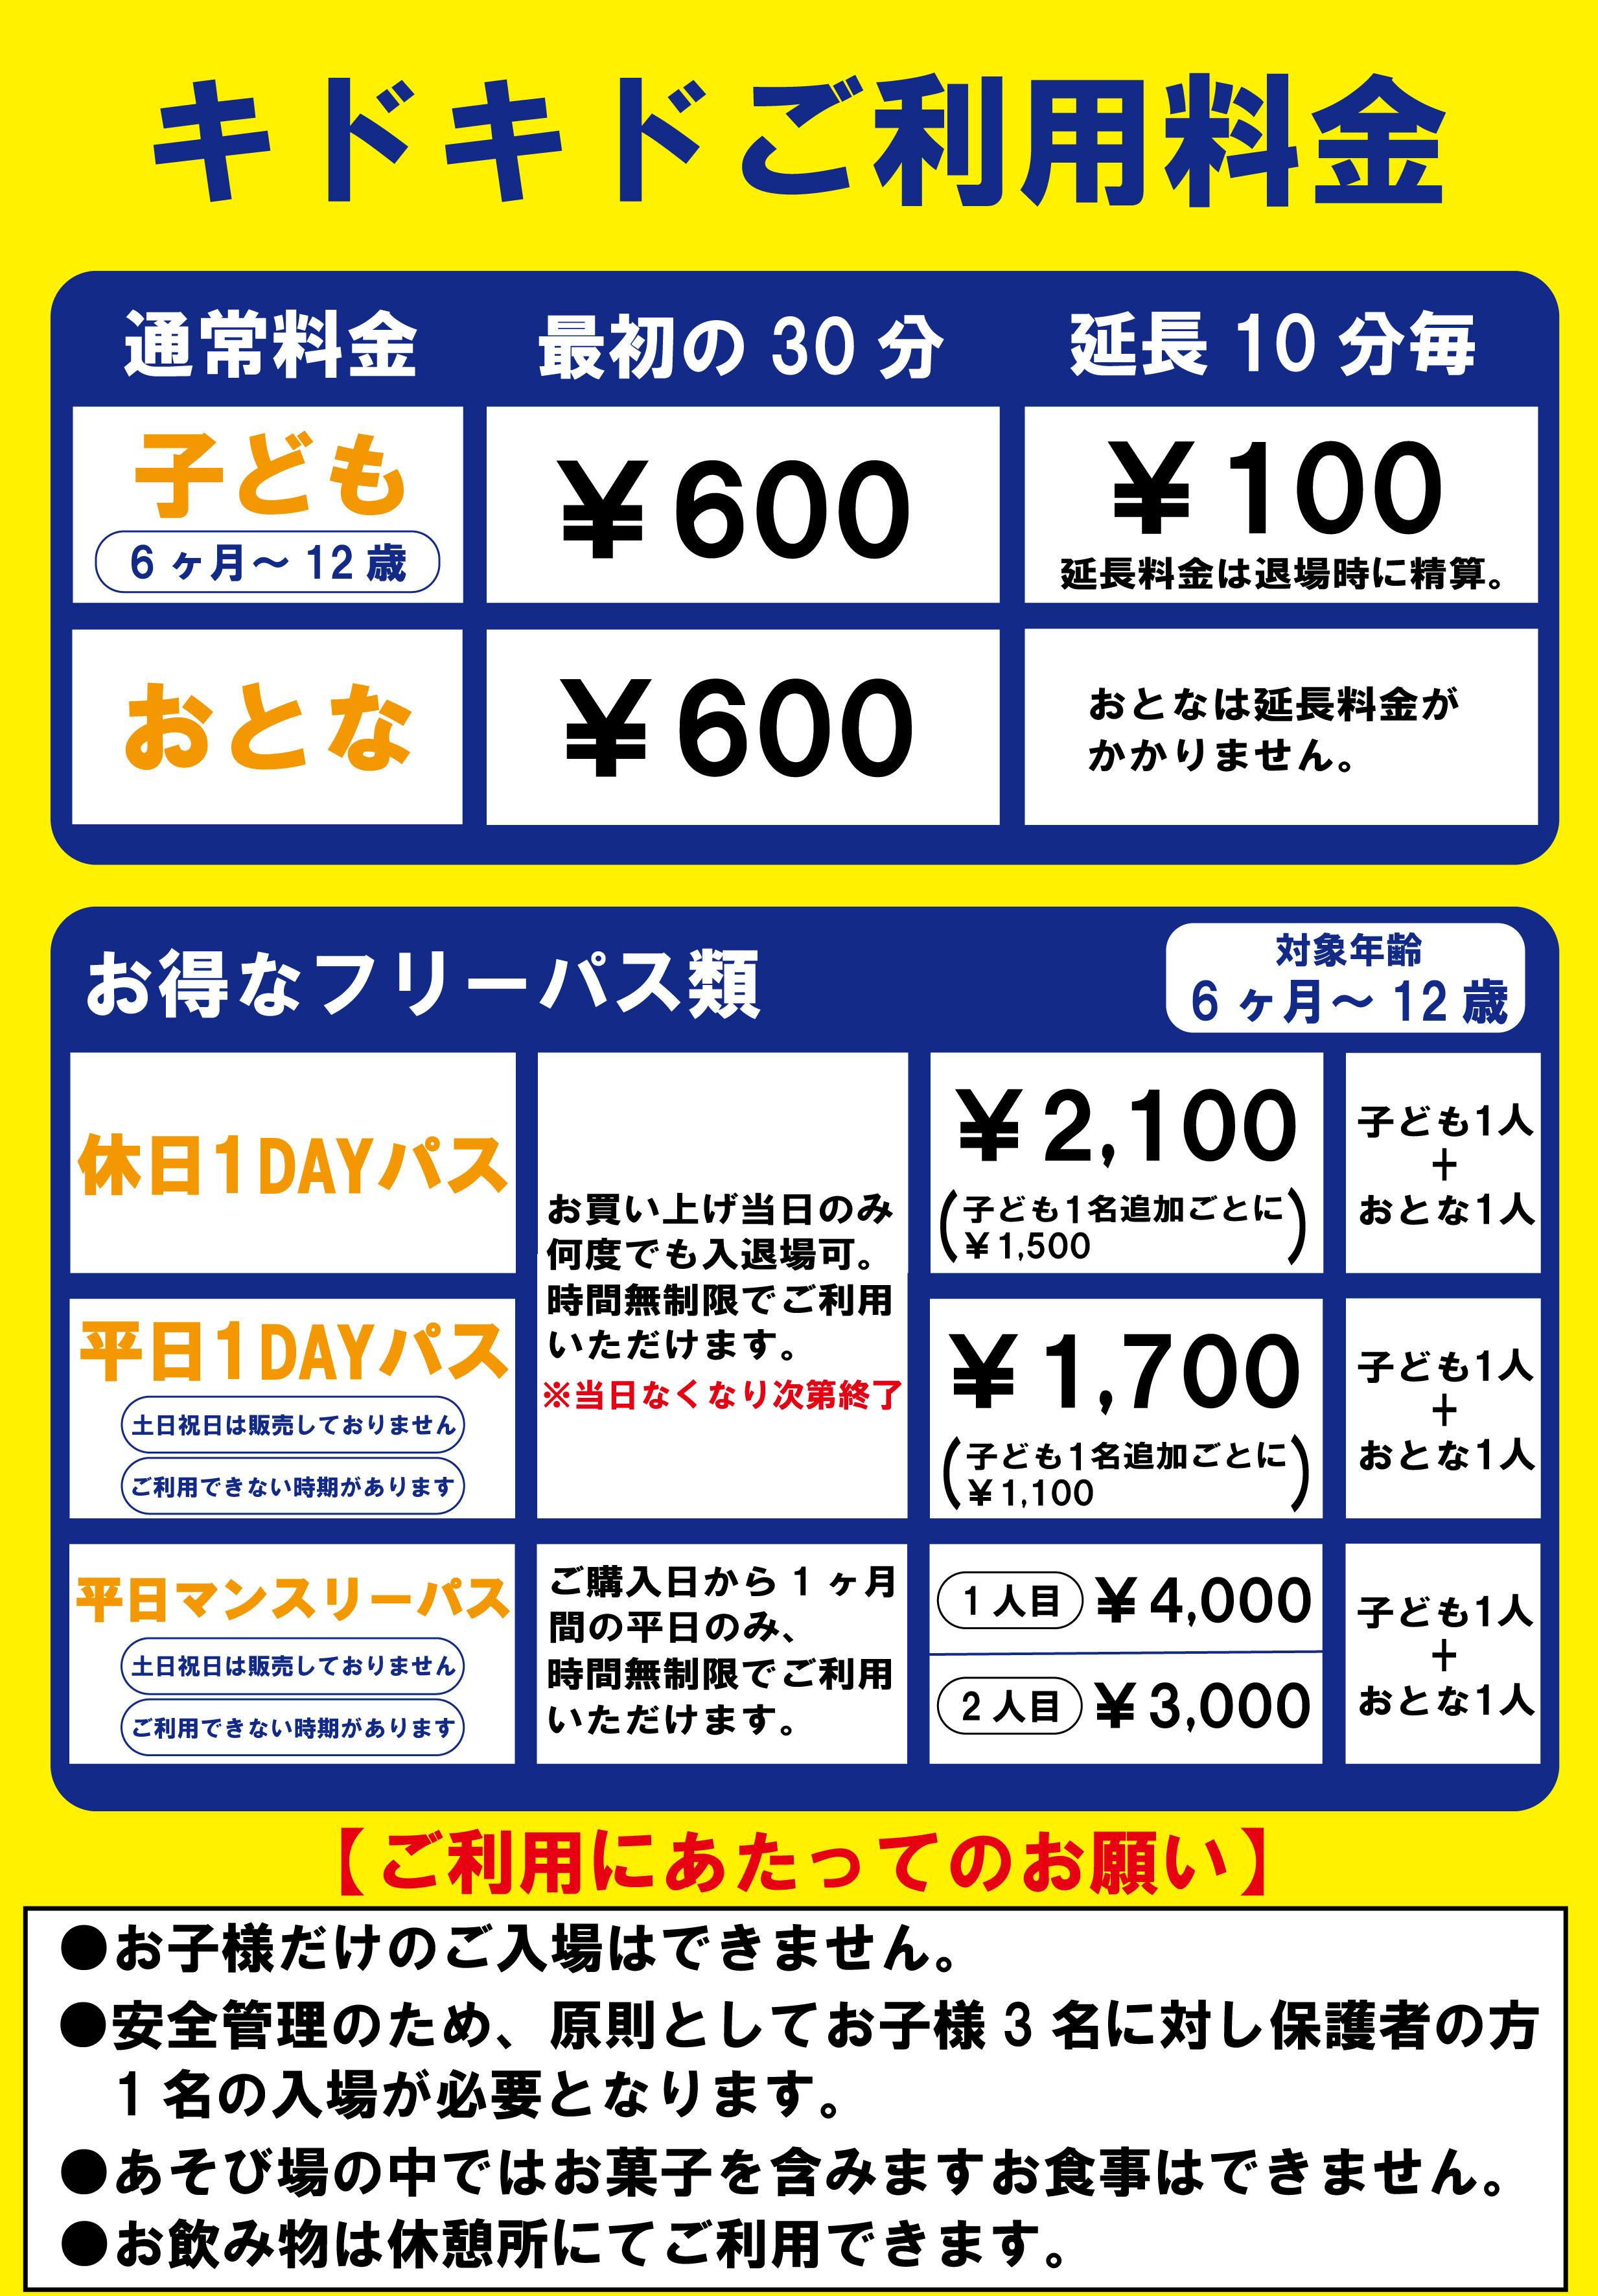 ★よみうりランド店料金情報★